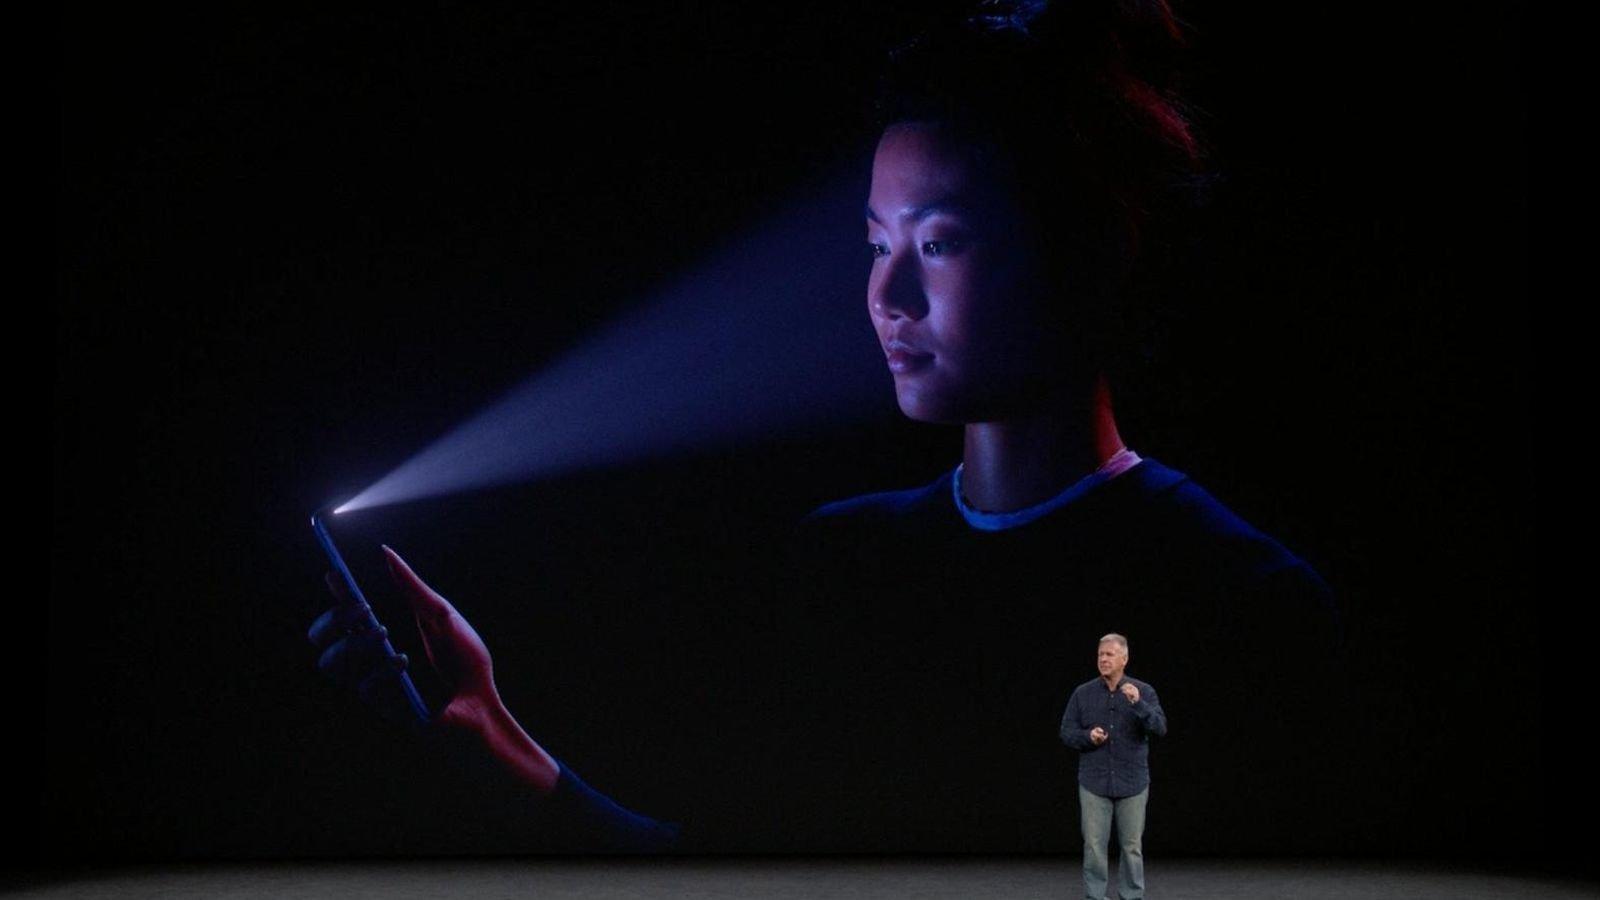 İki əkiz qardaş iPhone X-in Face ID texnologiyasını aldatmağa çalışdı (VİDEO)